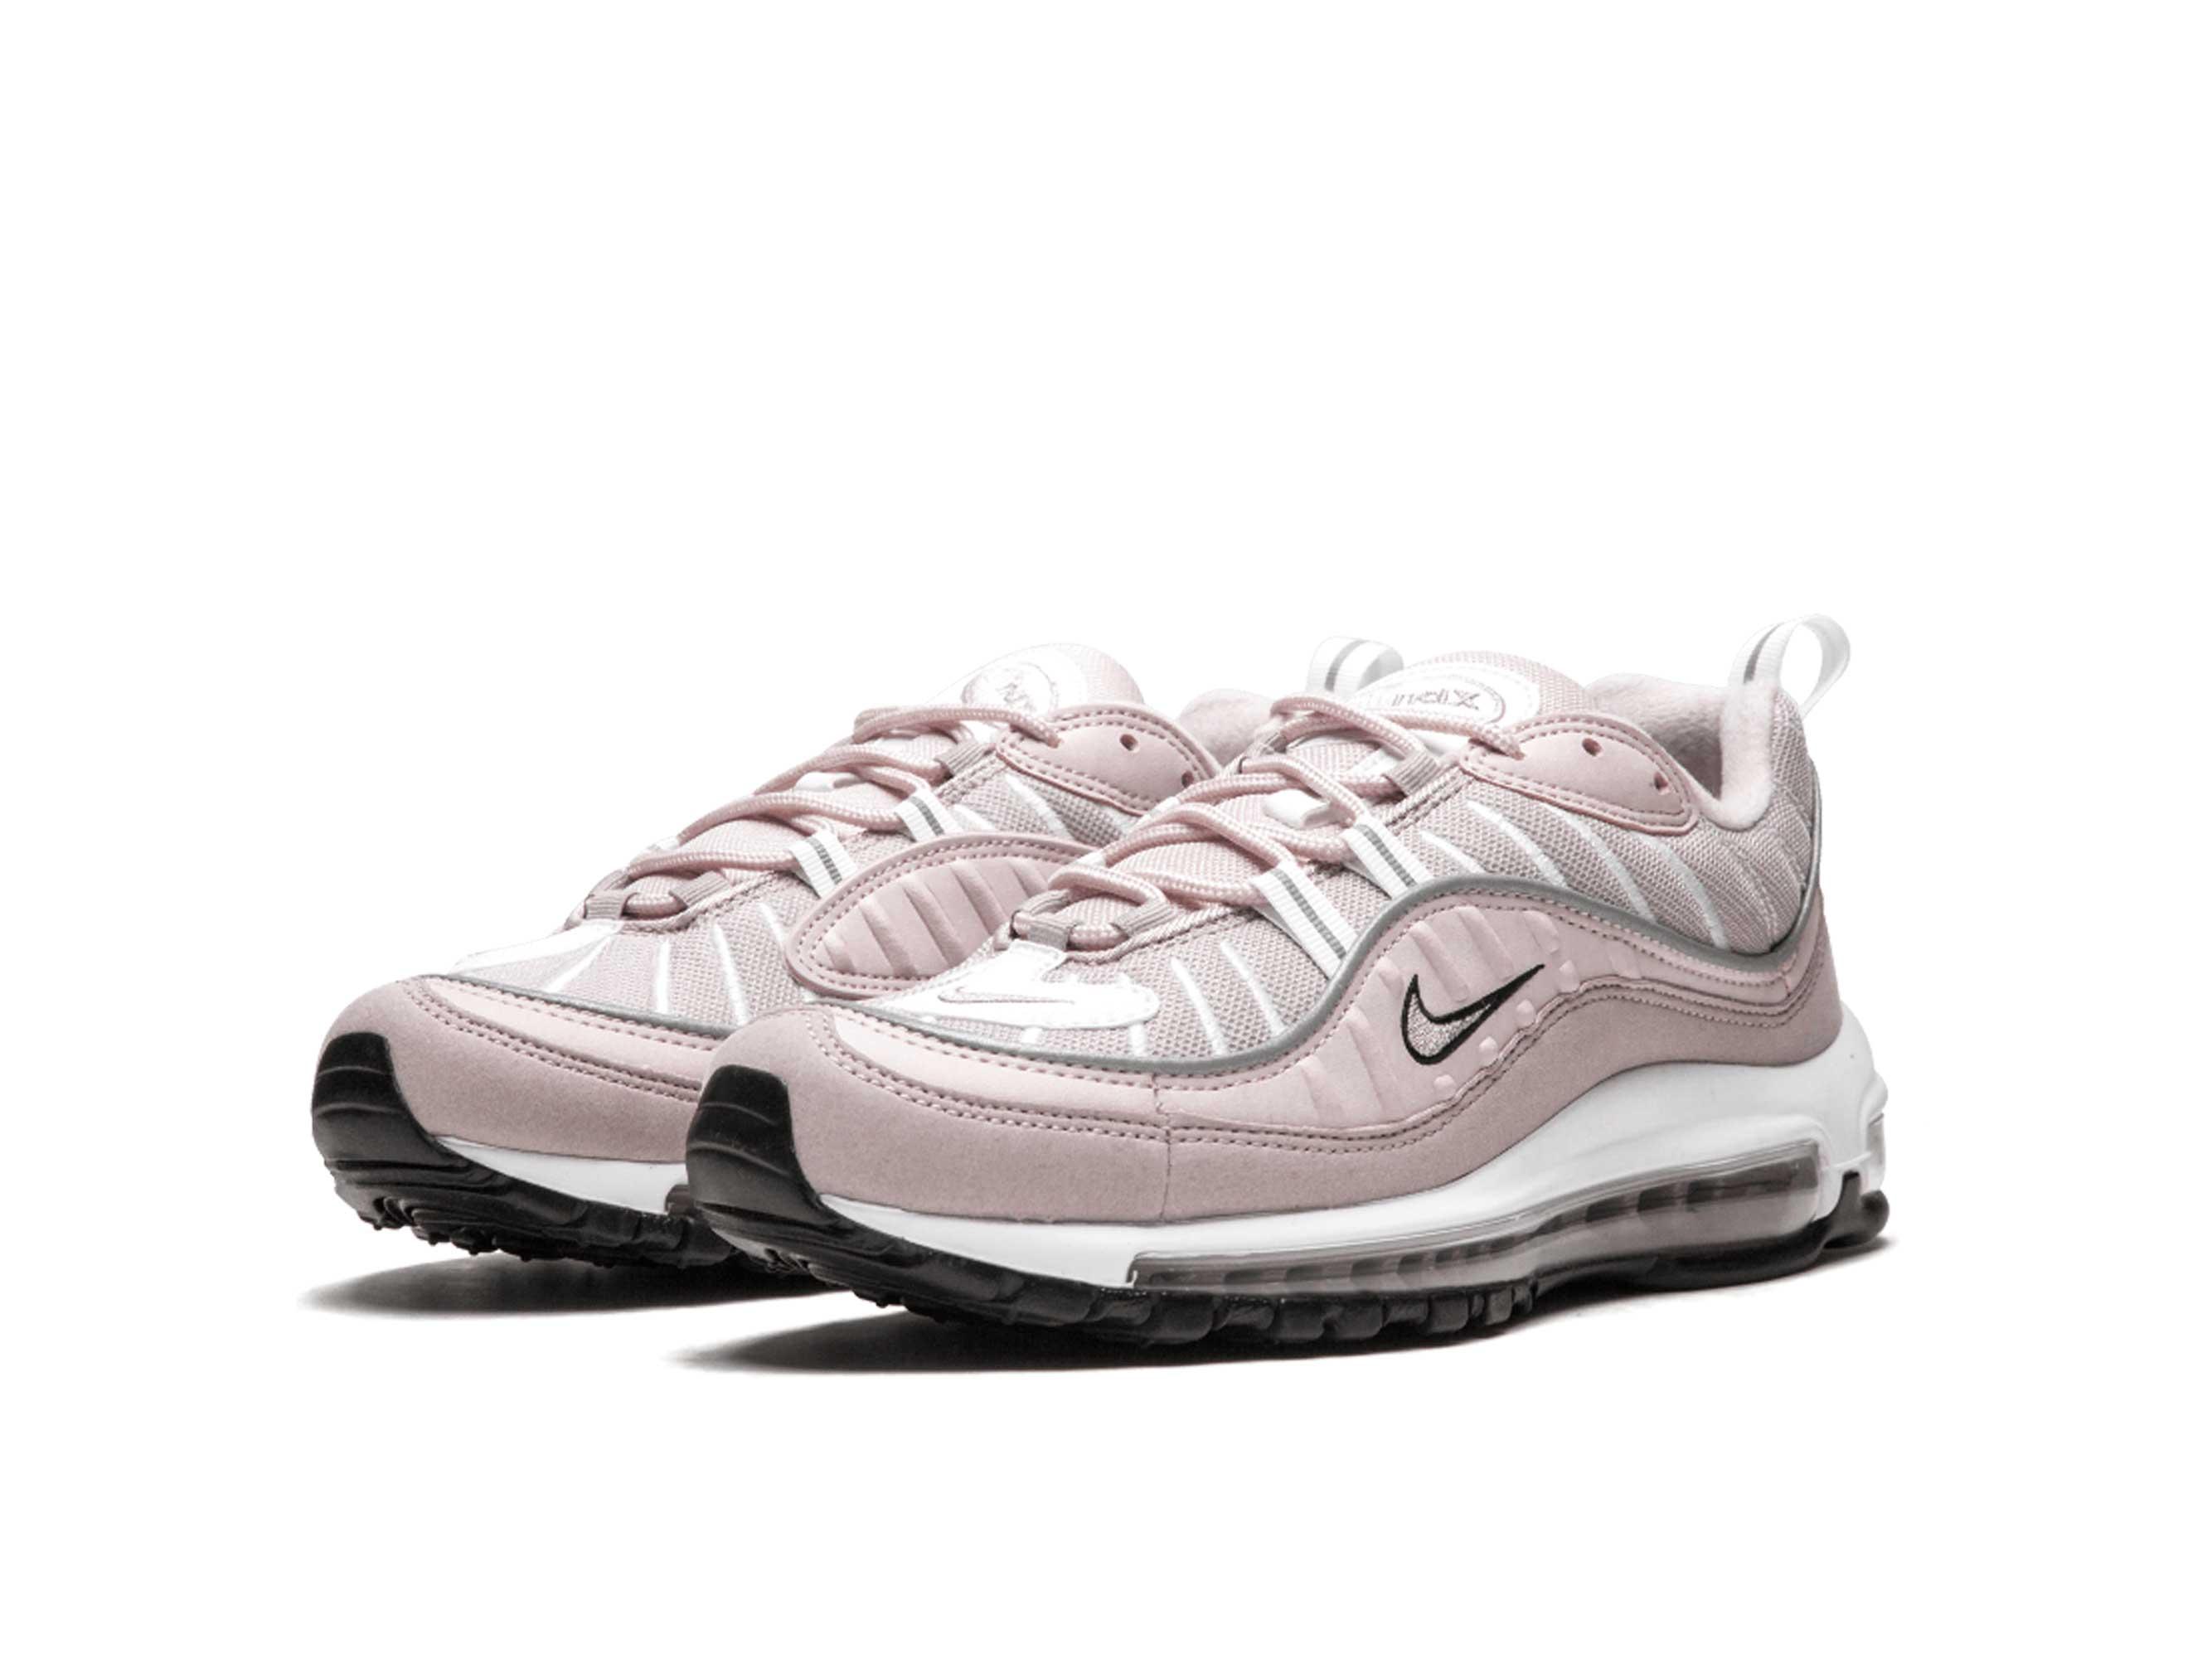 fc60fd14 Nike Air Max 98 розовые (35-39) — купить в Москве. Дисконт интернет ...